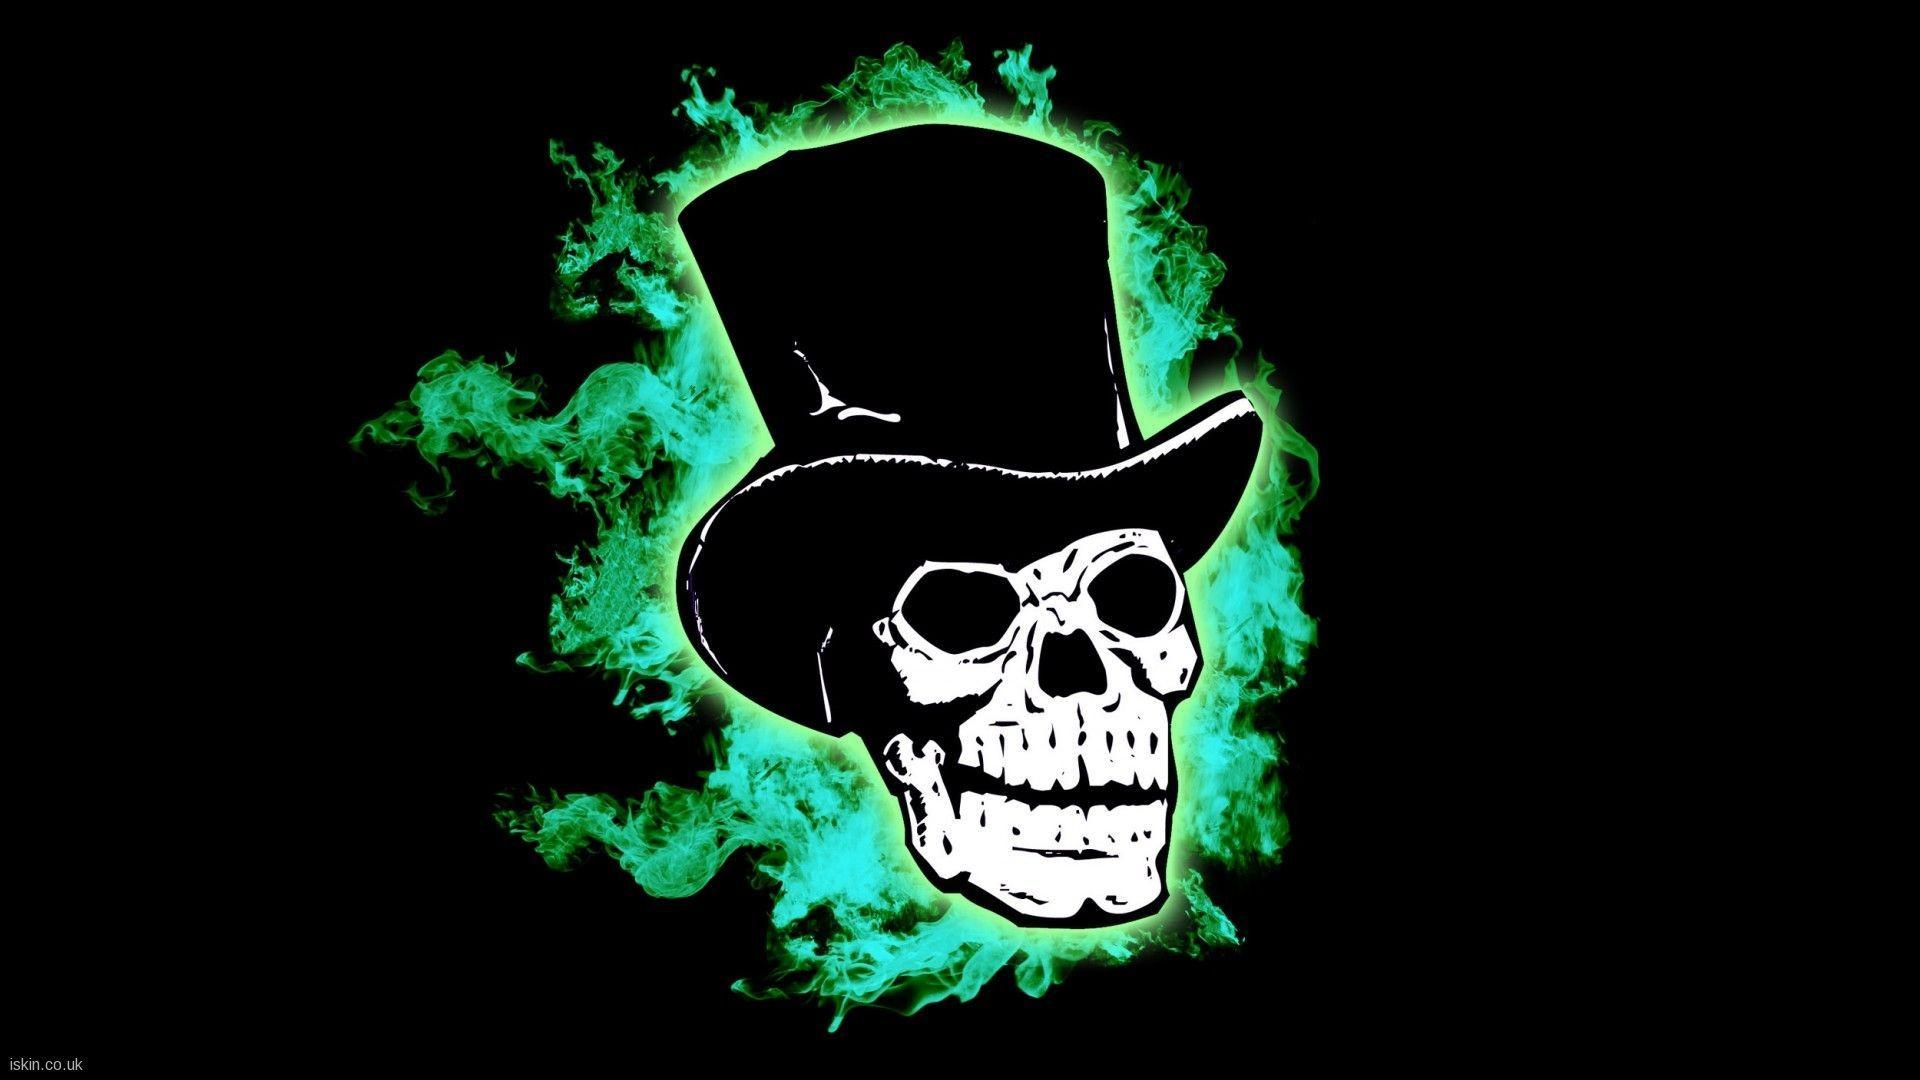 3D Skull Wallpaper HD